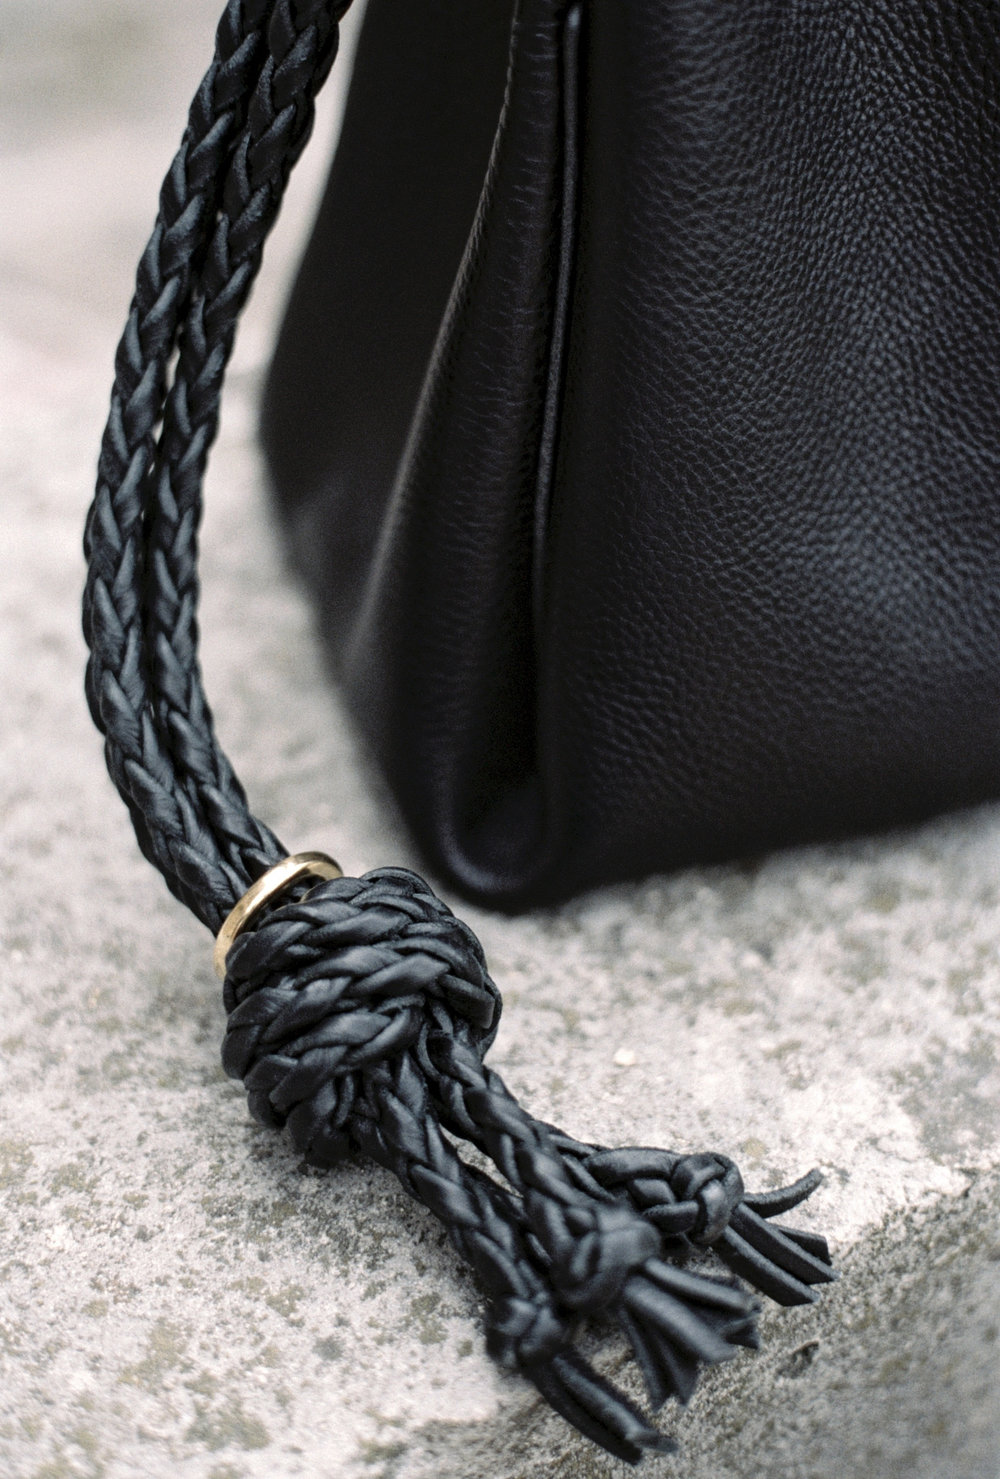 mark tallowin baluchon bag